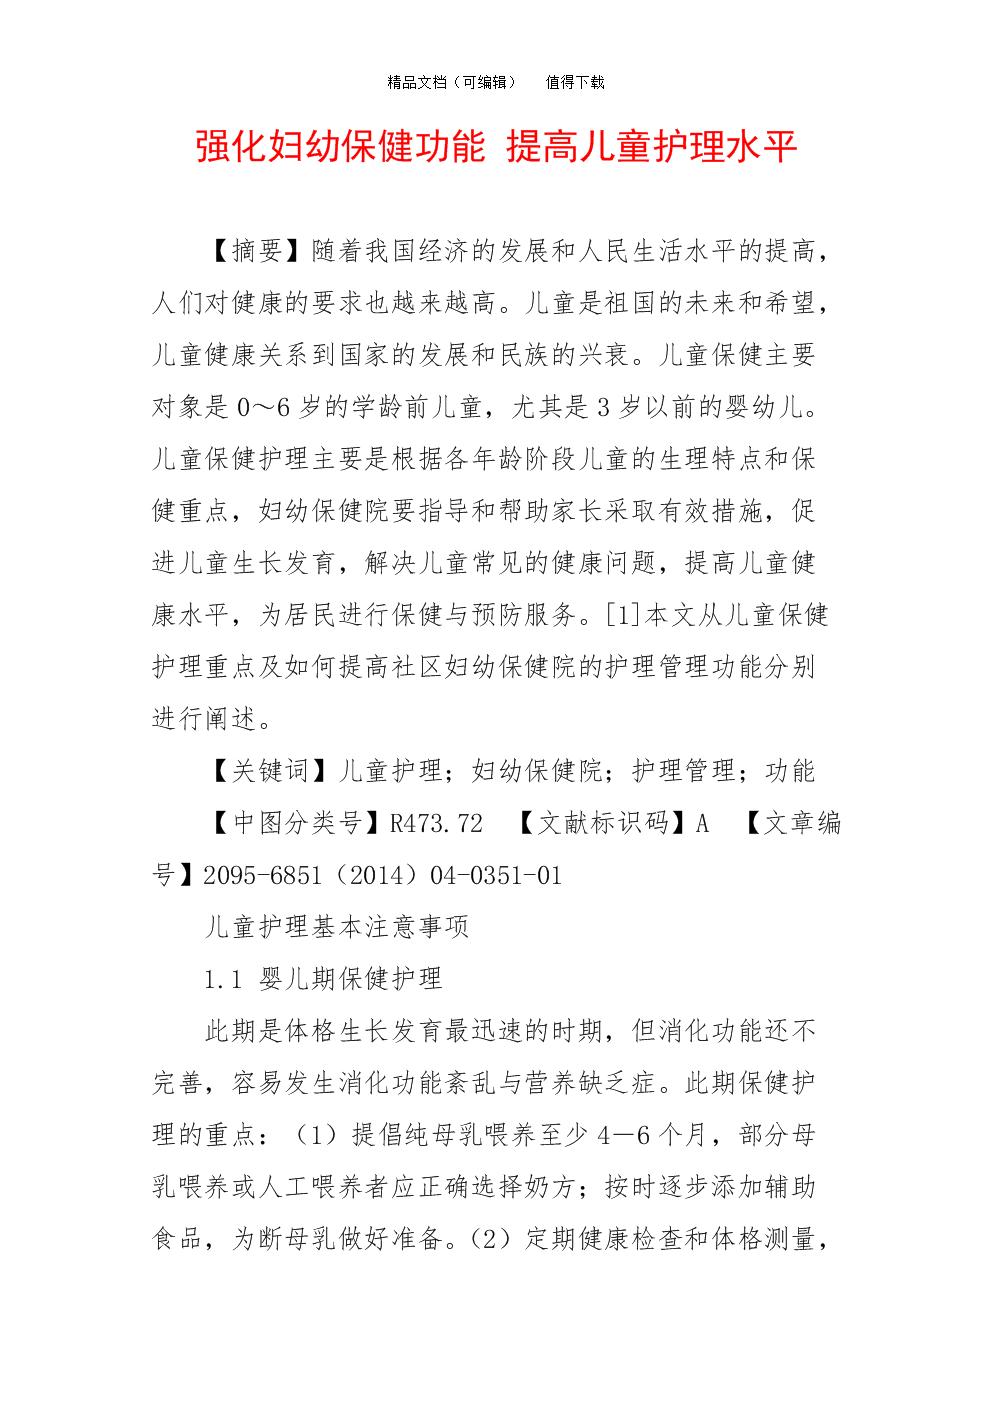 强化妇幼保健功能 提高儿童护理水平.doc